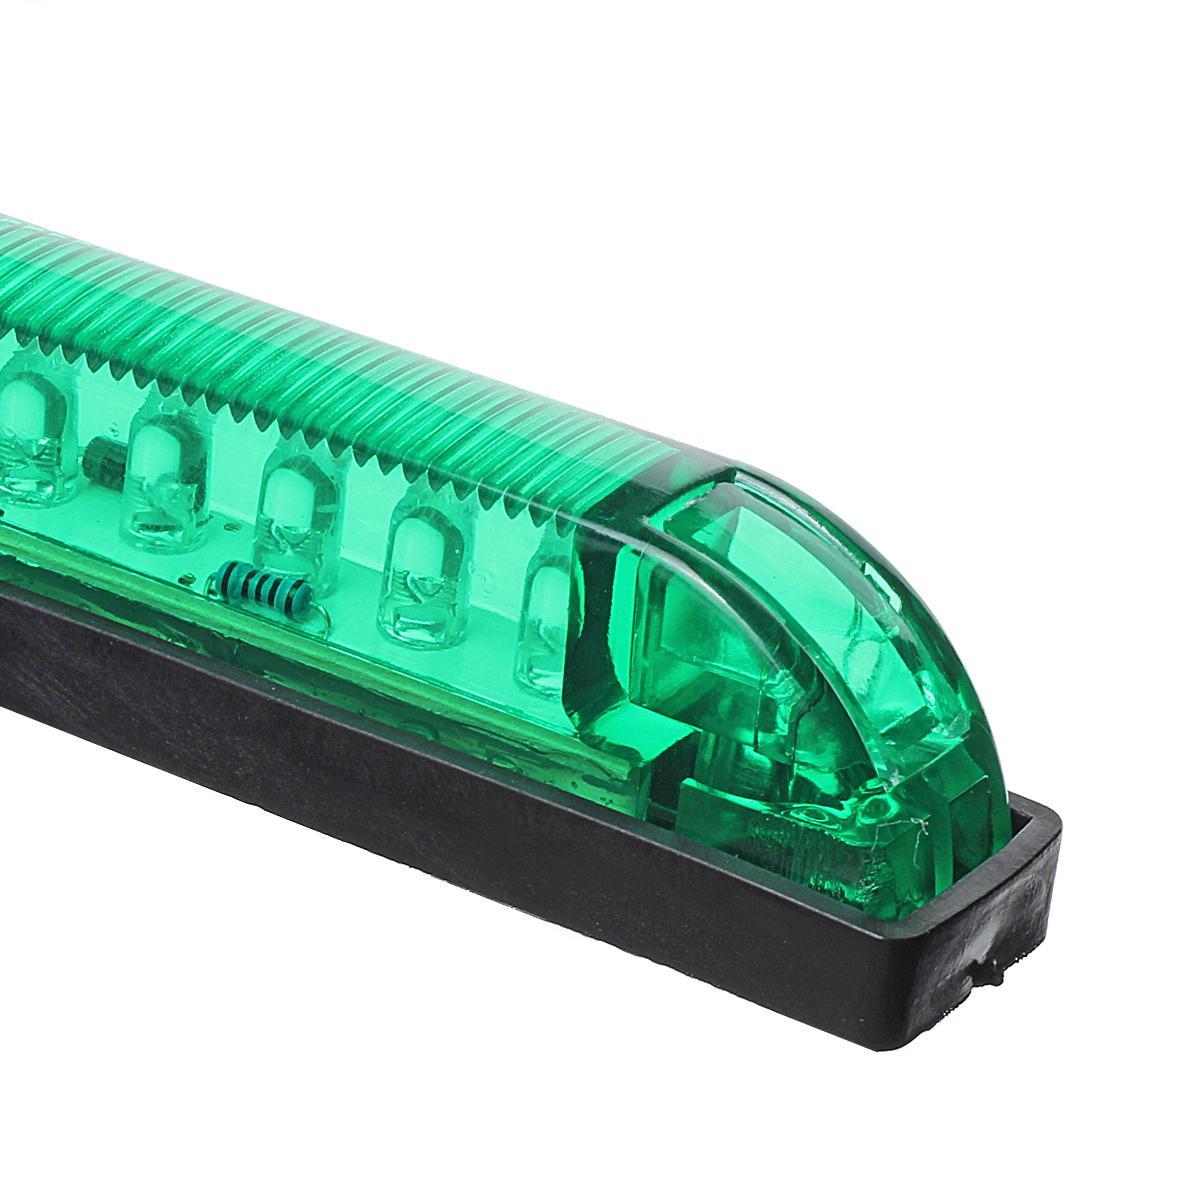 10x green slim line surface mount 4 utility strip light 6. Black Bedroom Furniture Sets. Home Design Ideas